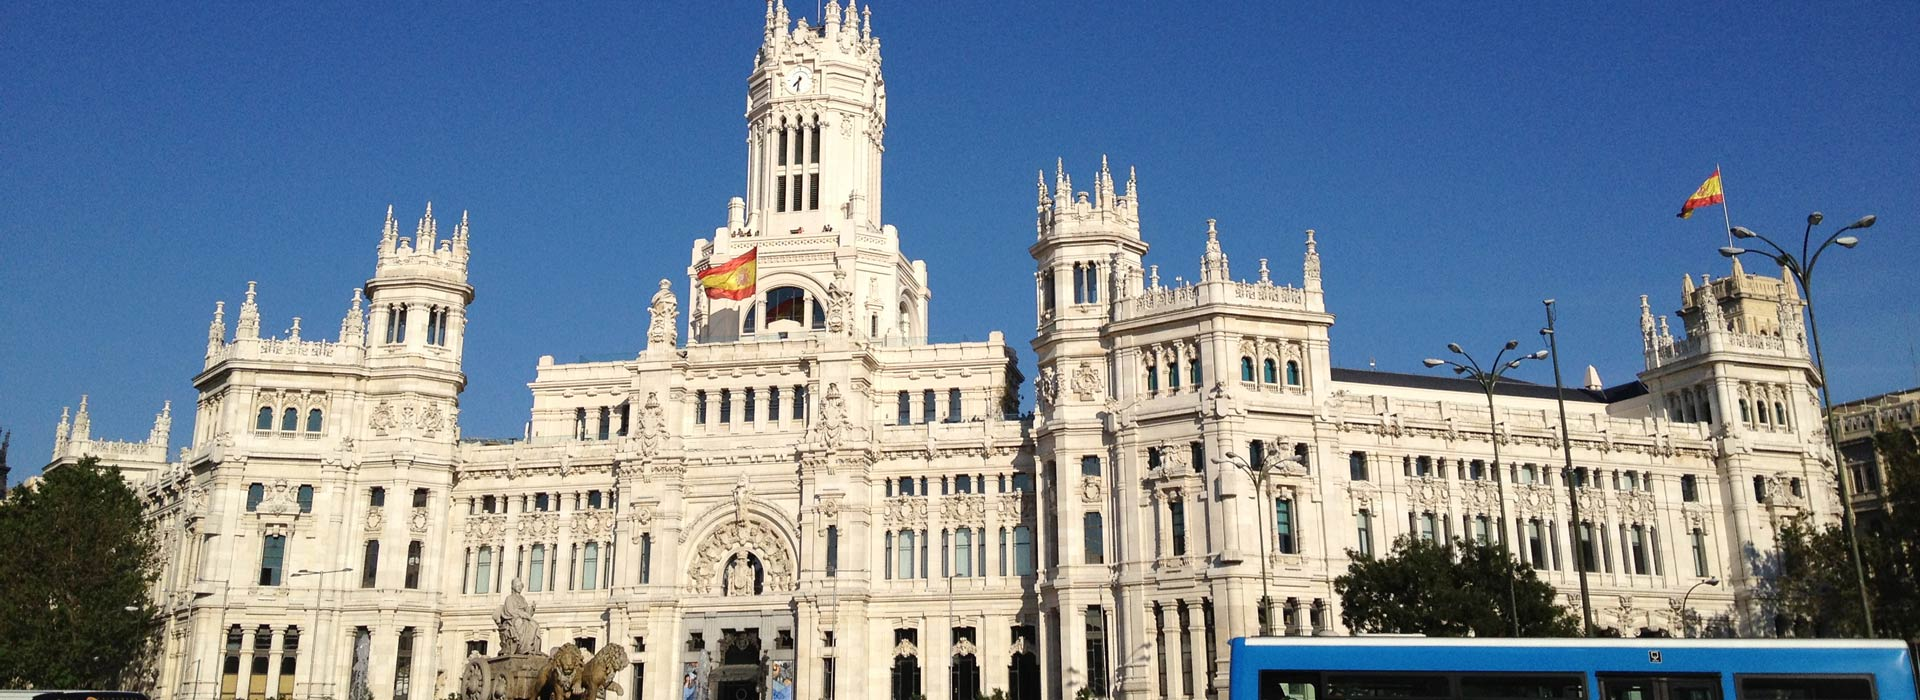 Madrid. Palacio de Comunicaciones